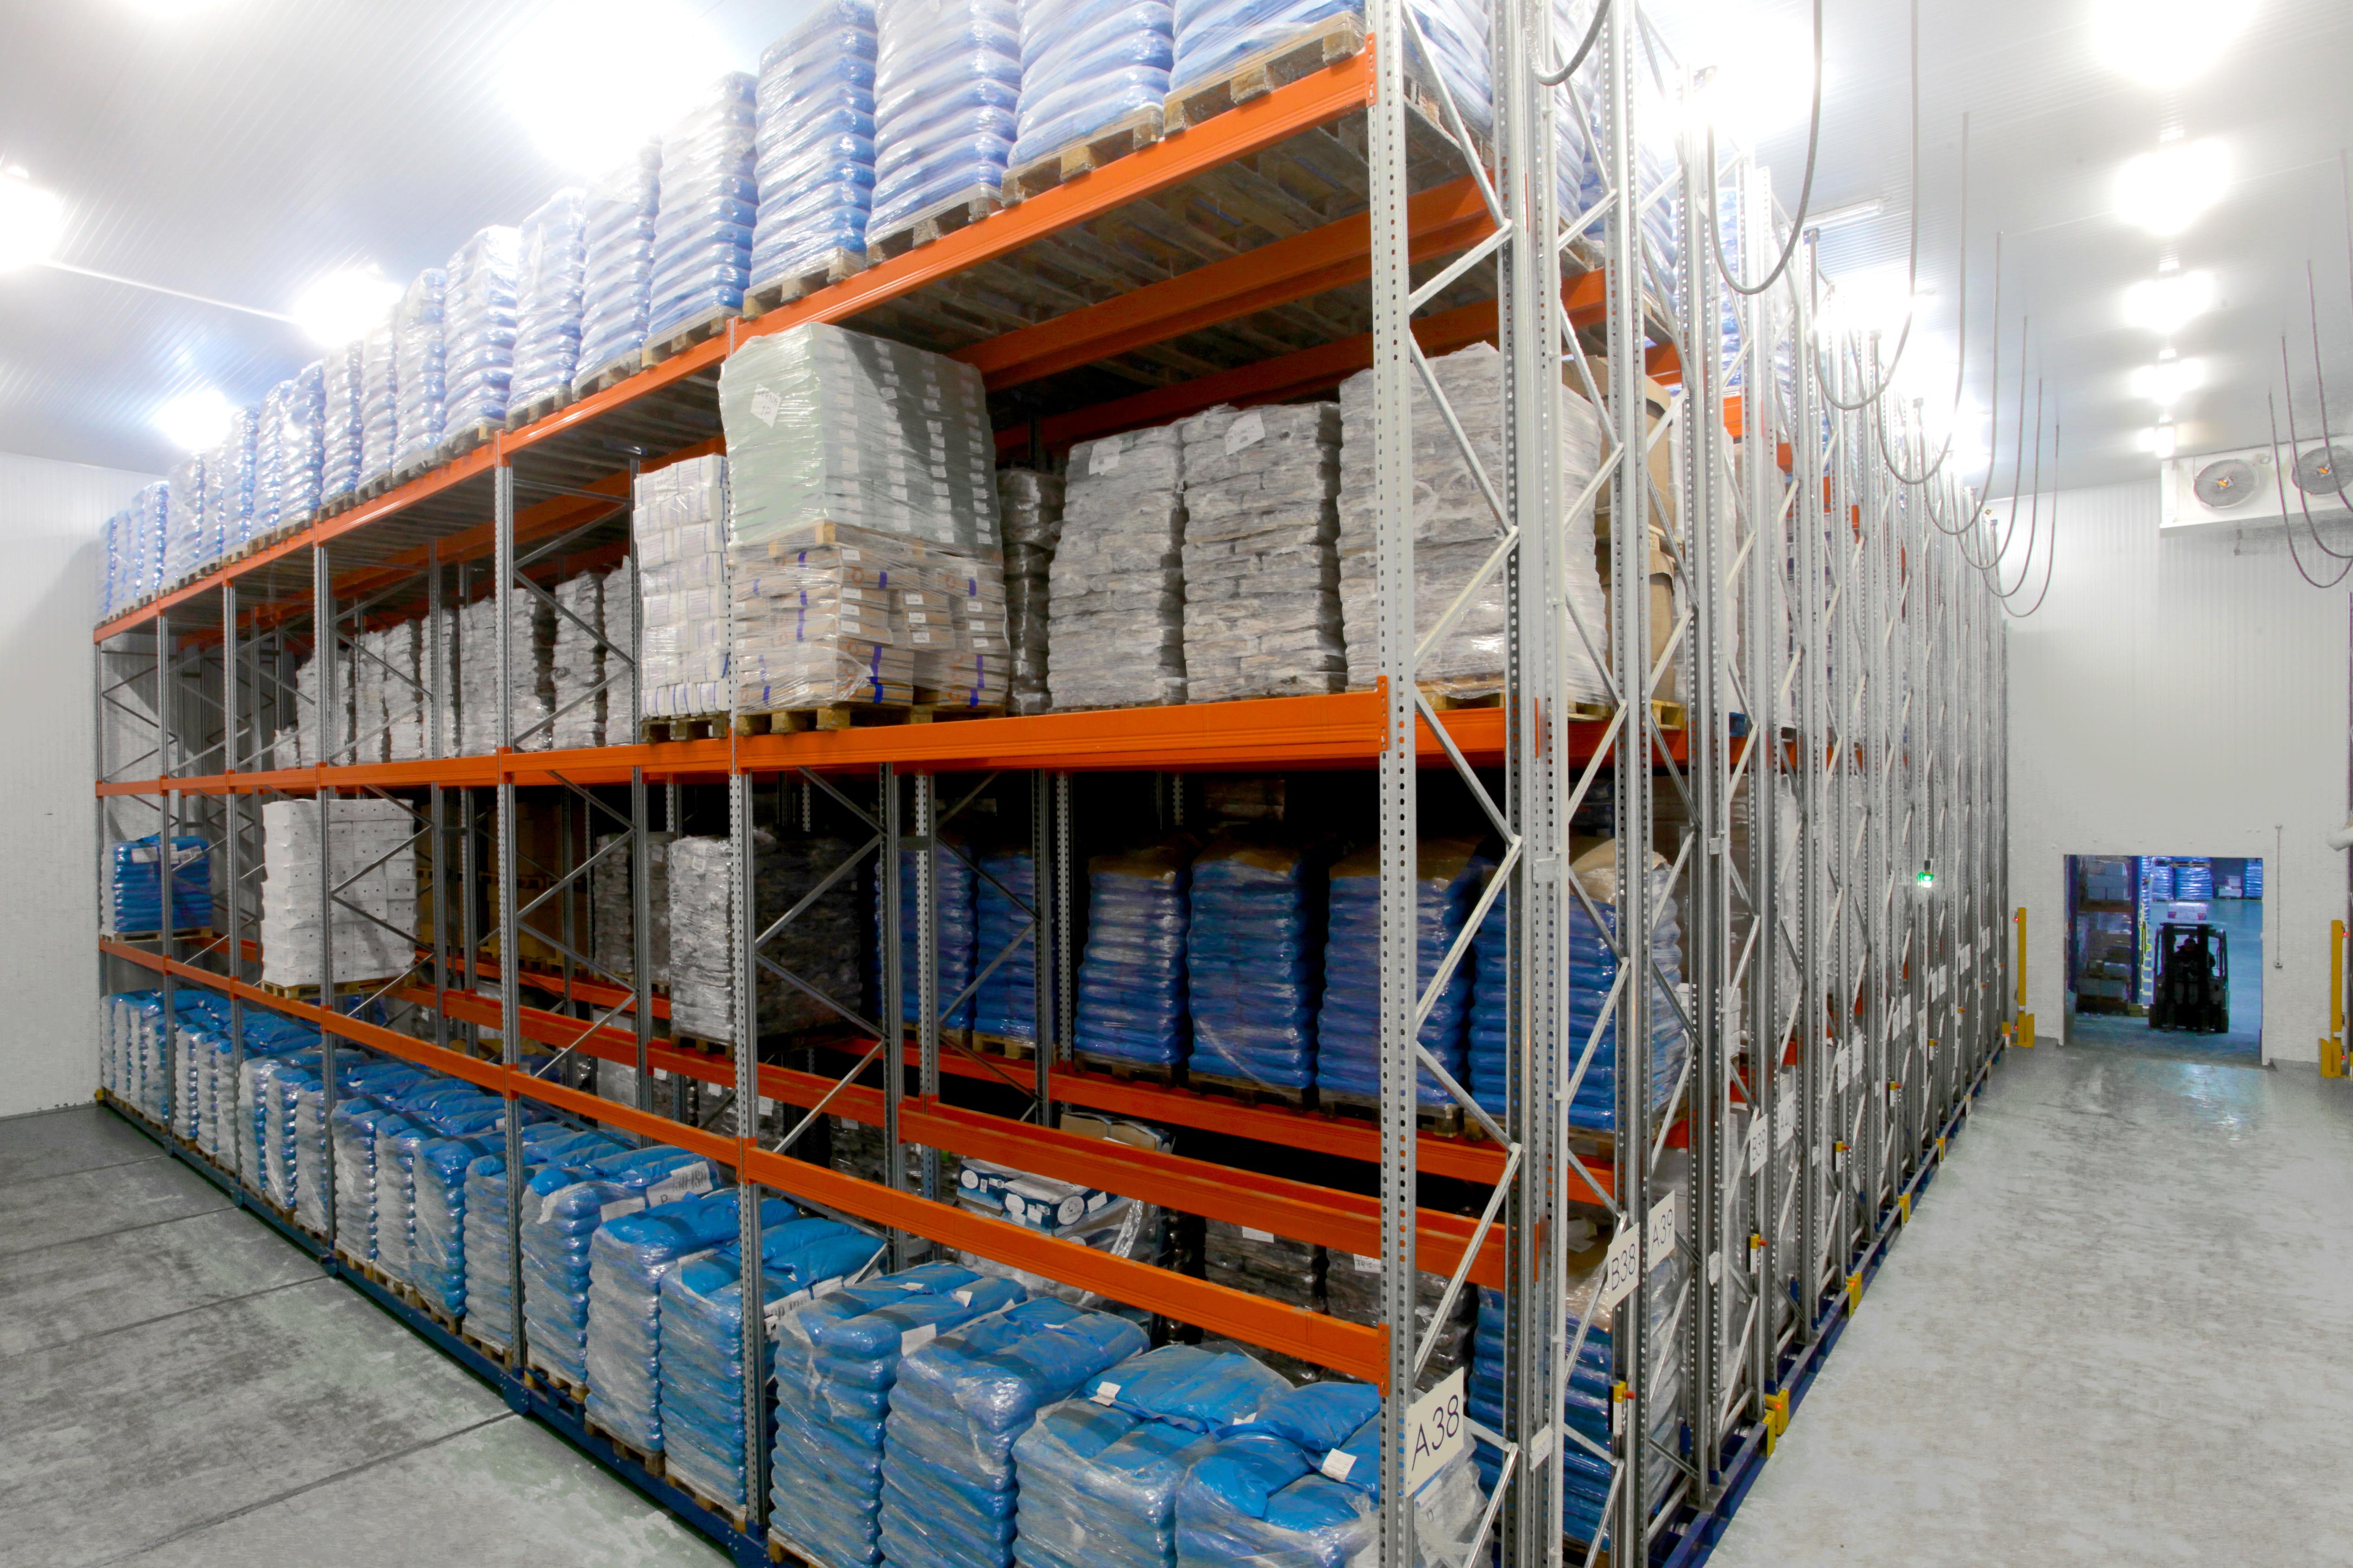 estanterias-almacenaje-frio-galicia